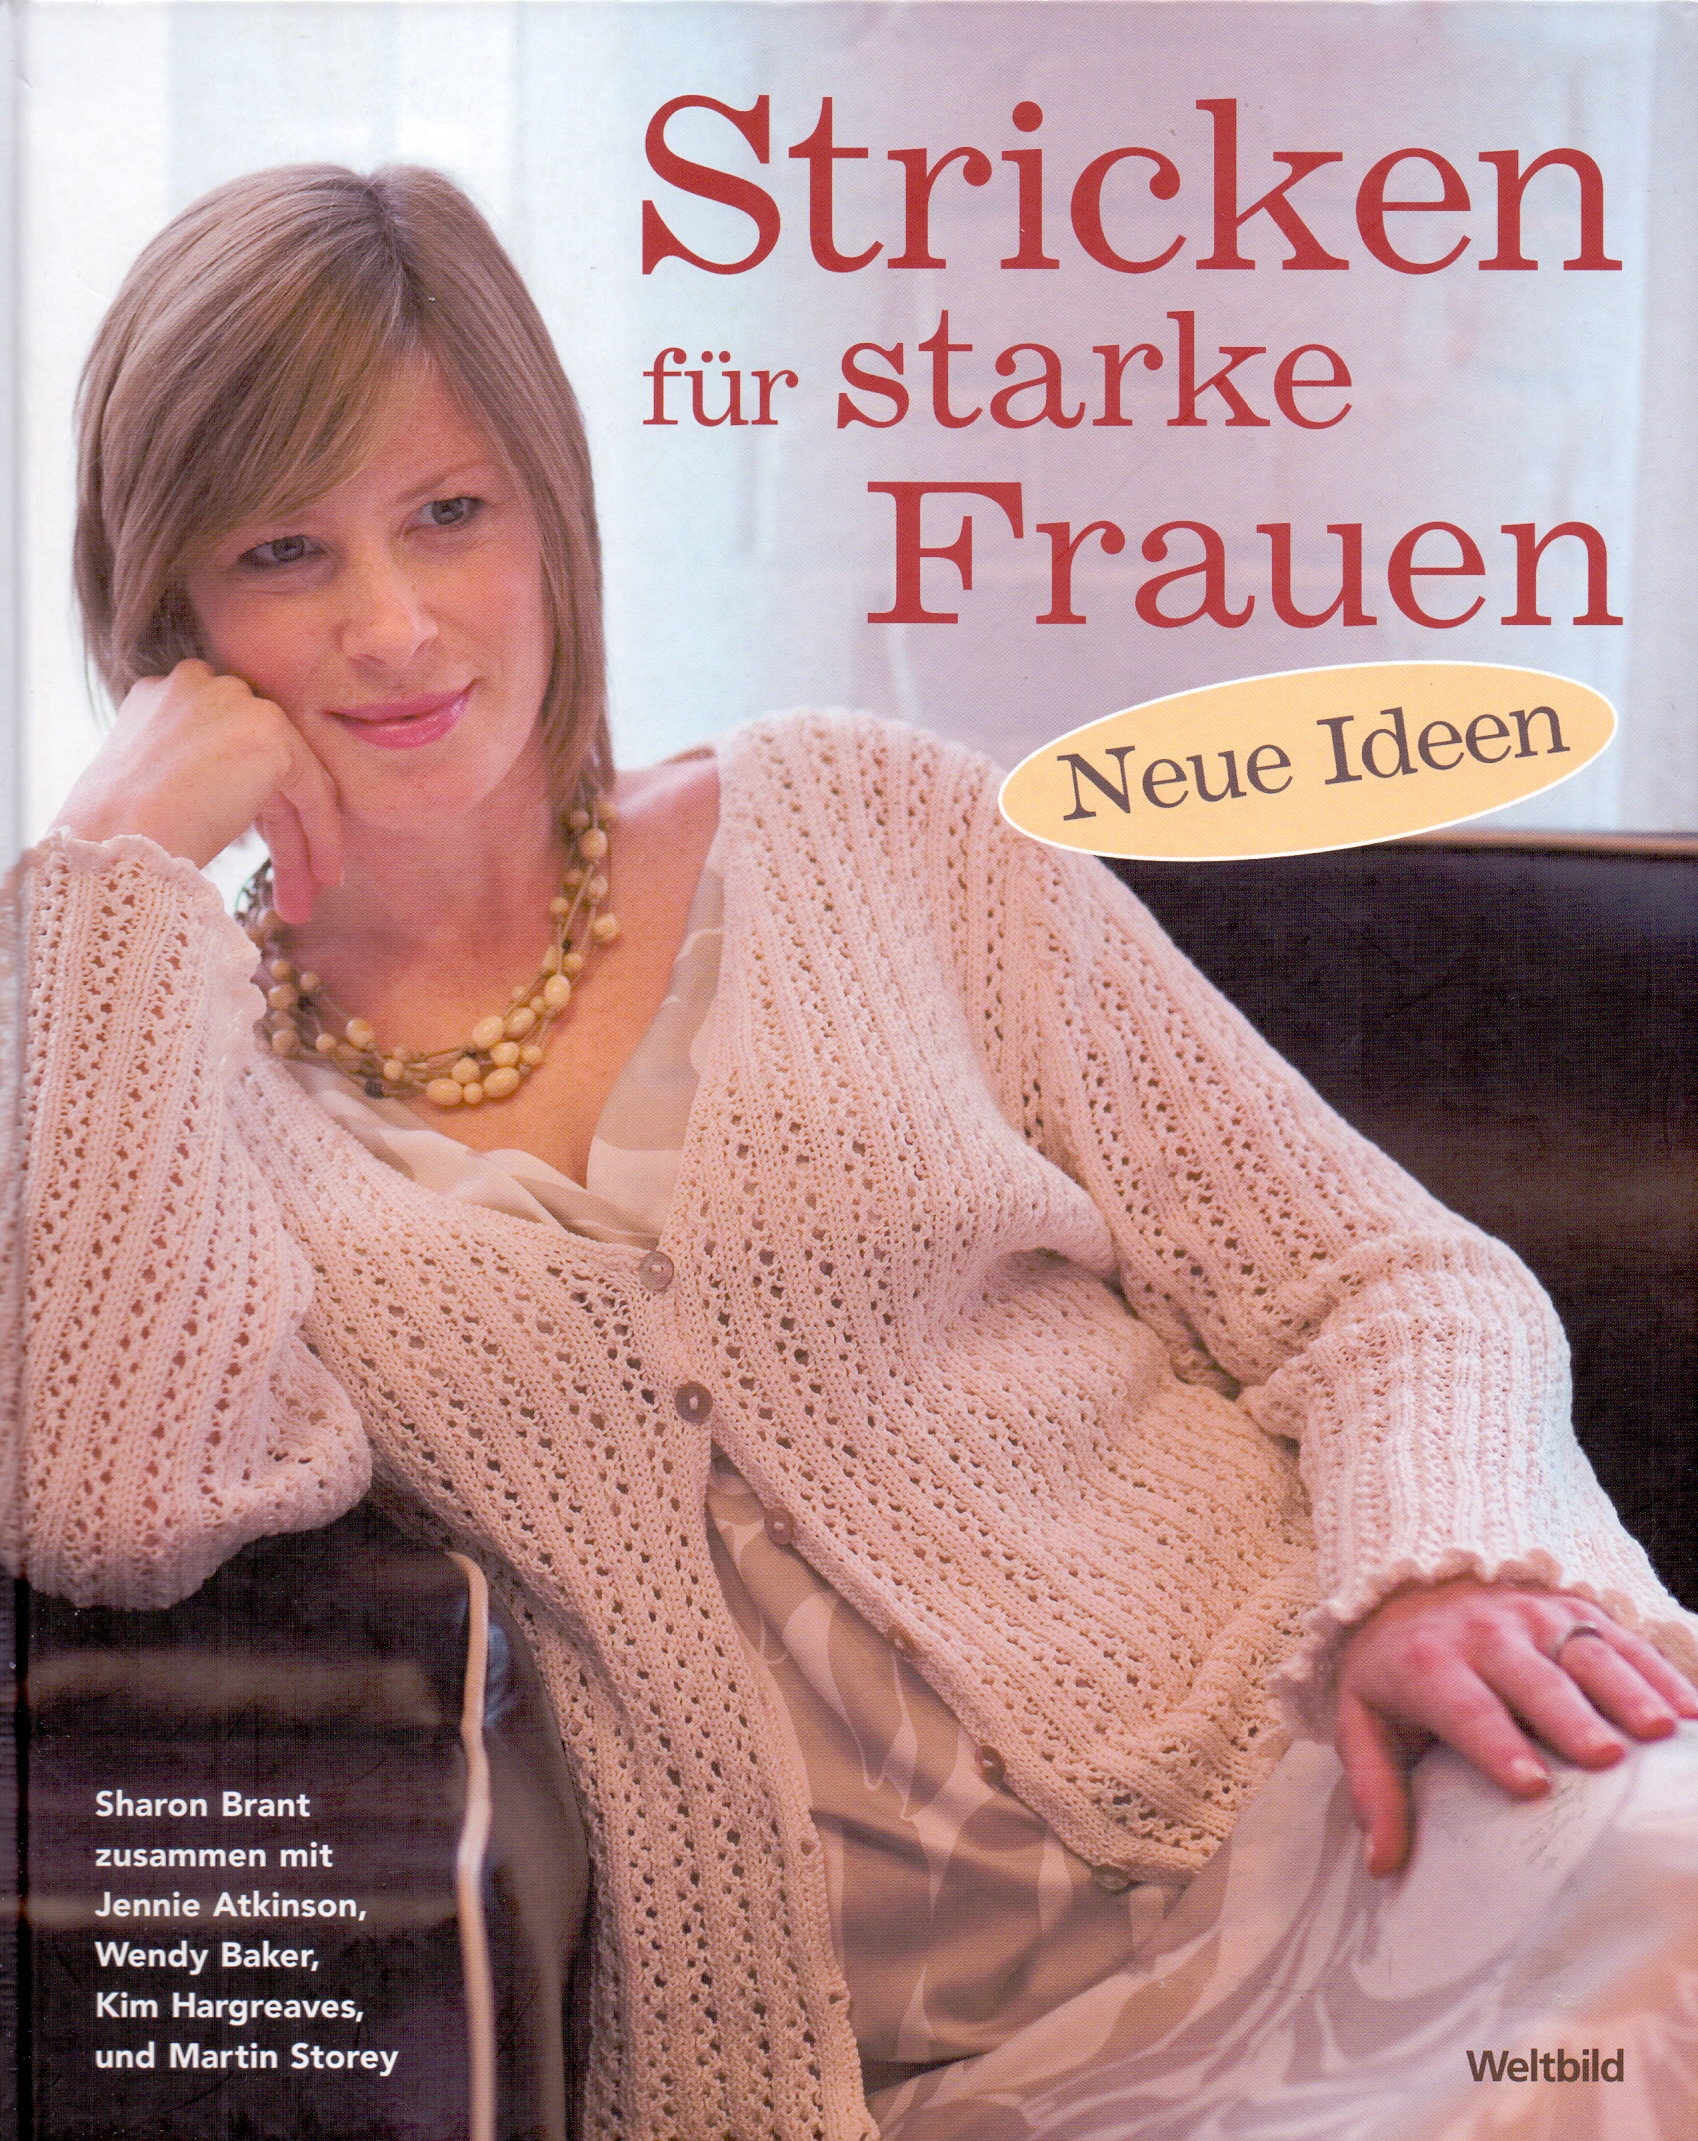 Stricken für starke Frauen - Neue Ideen [Gebund...